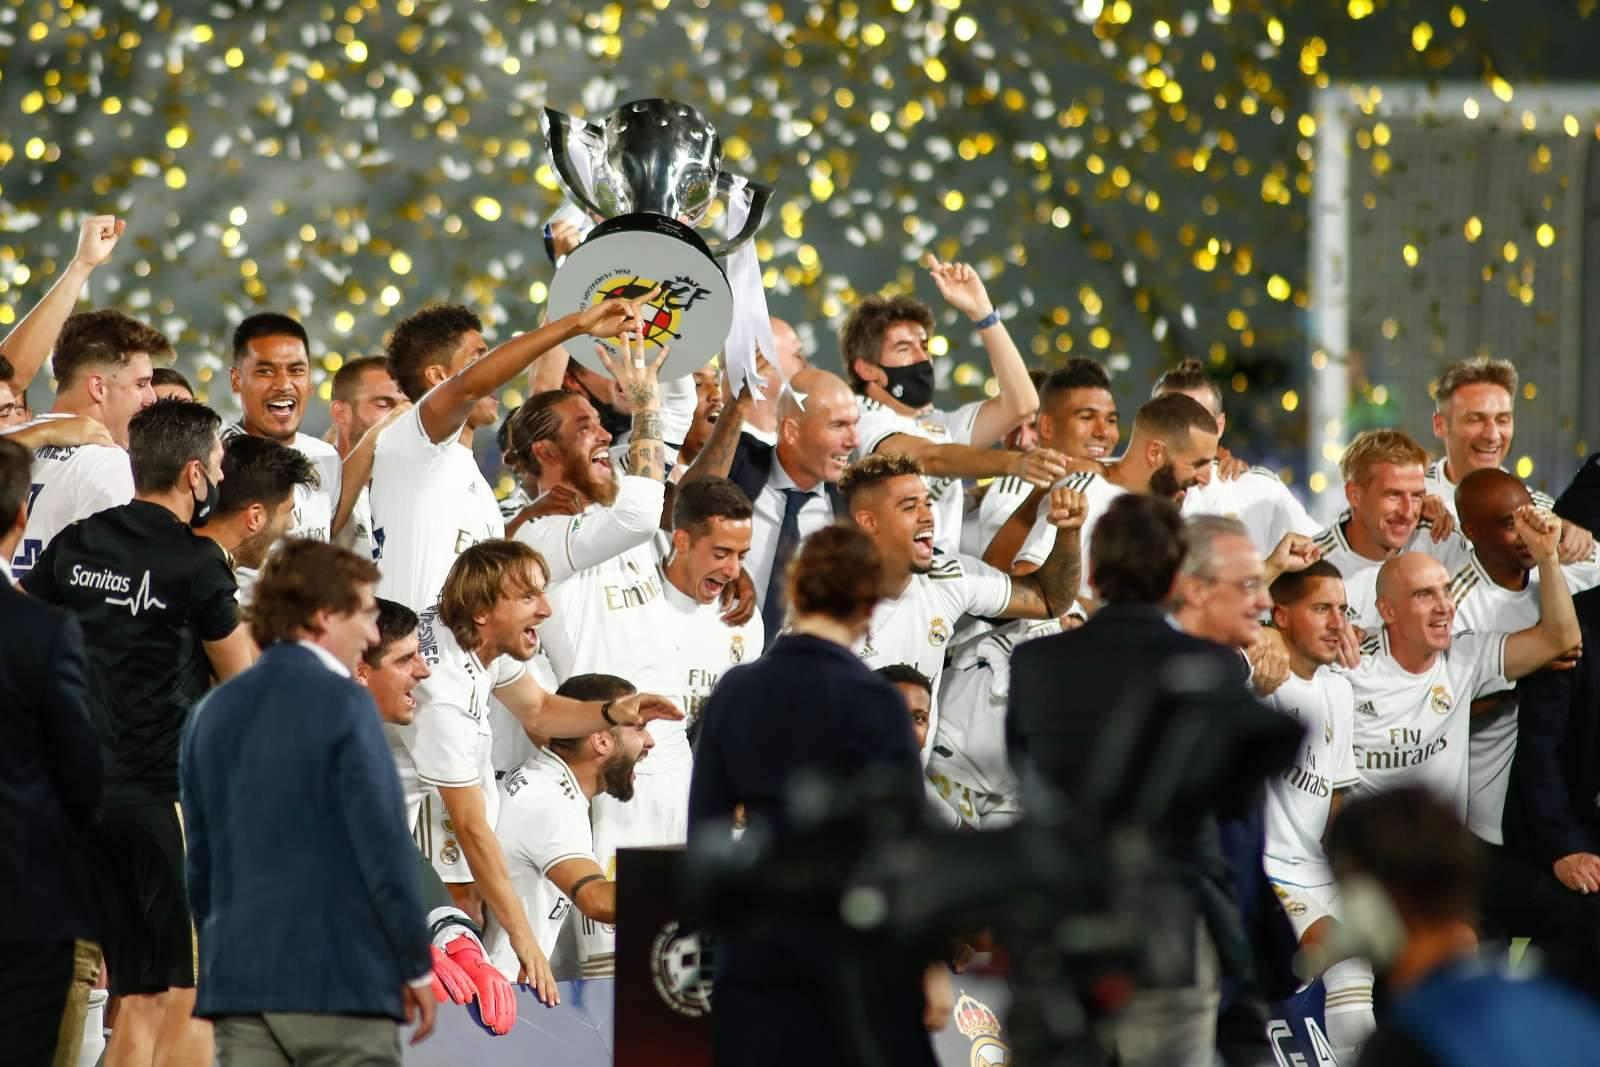 Состоялась жеребьёвка полуфиналов Суперкубка Испании